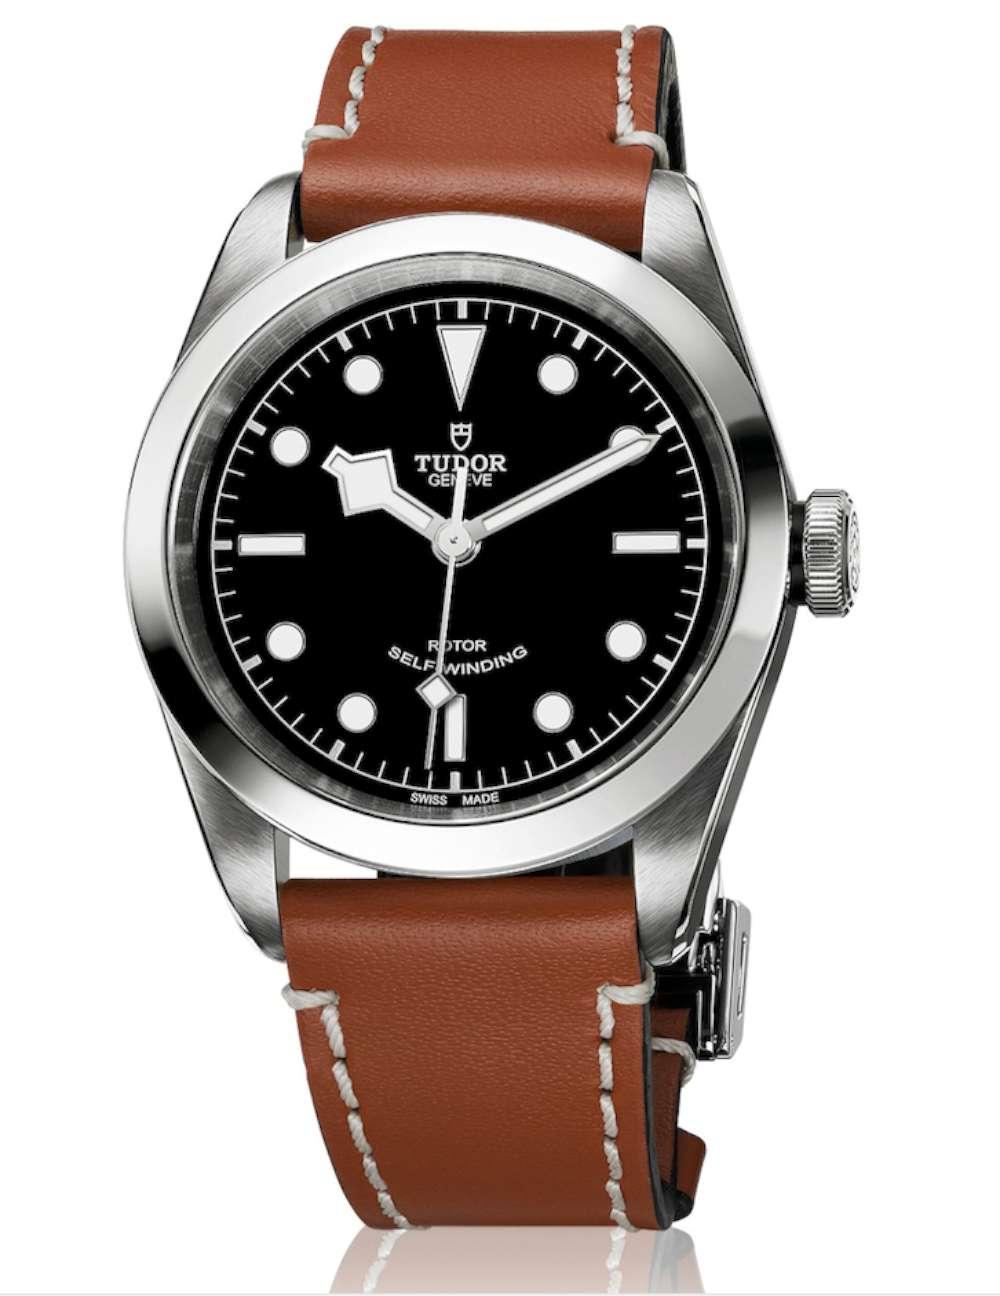 Tudor Heritage Black Bay 41, leather strap